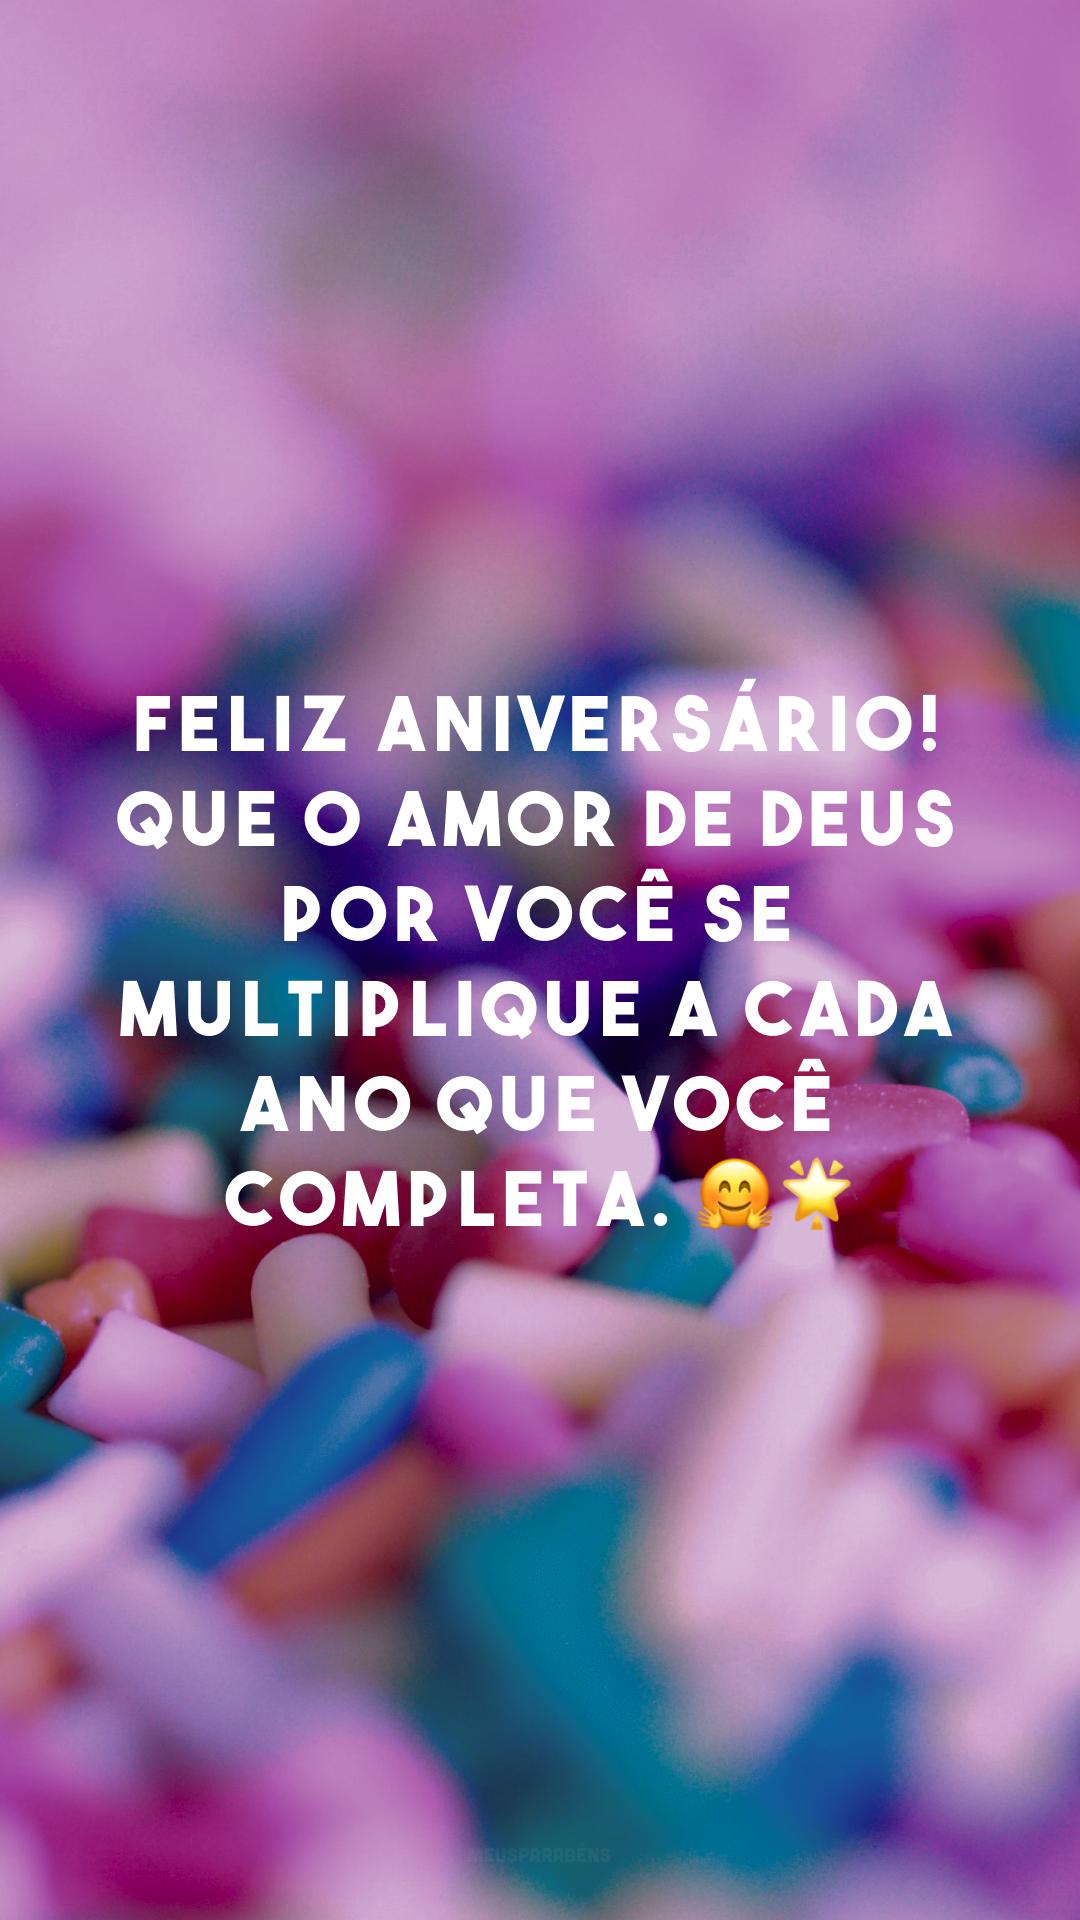 Feliz aniversário! Que o amor de Deus por você se multiplique a cada ano que você completa. 🤗🌟